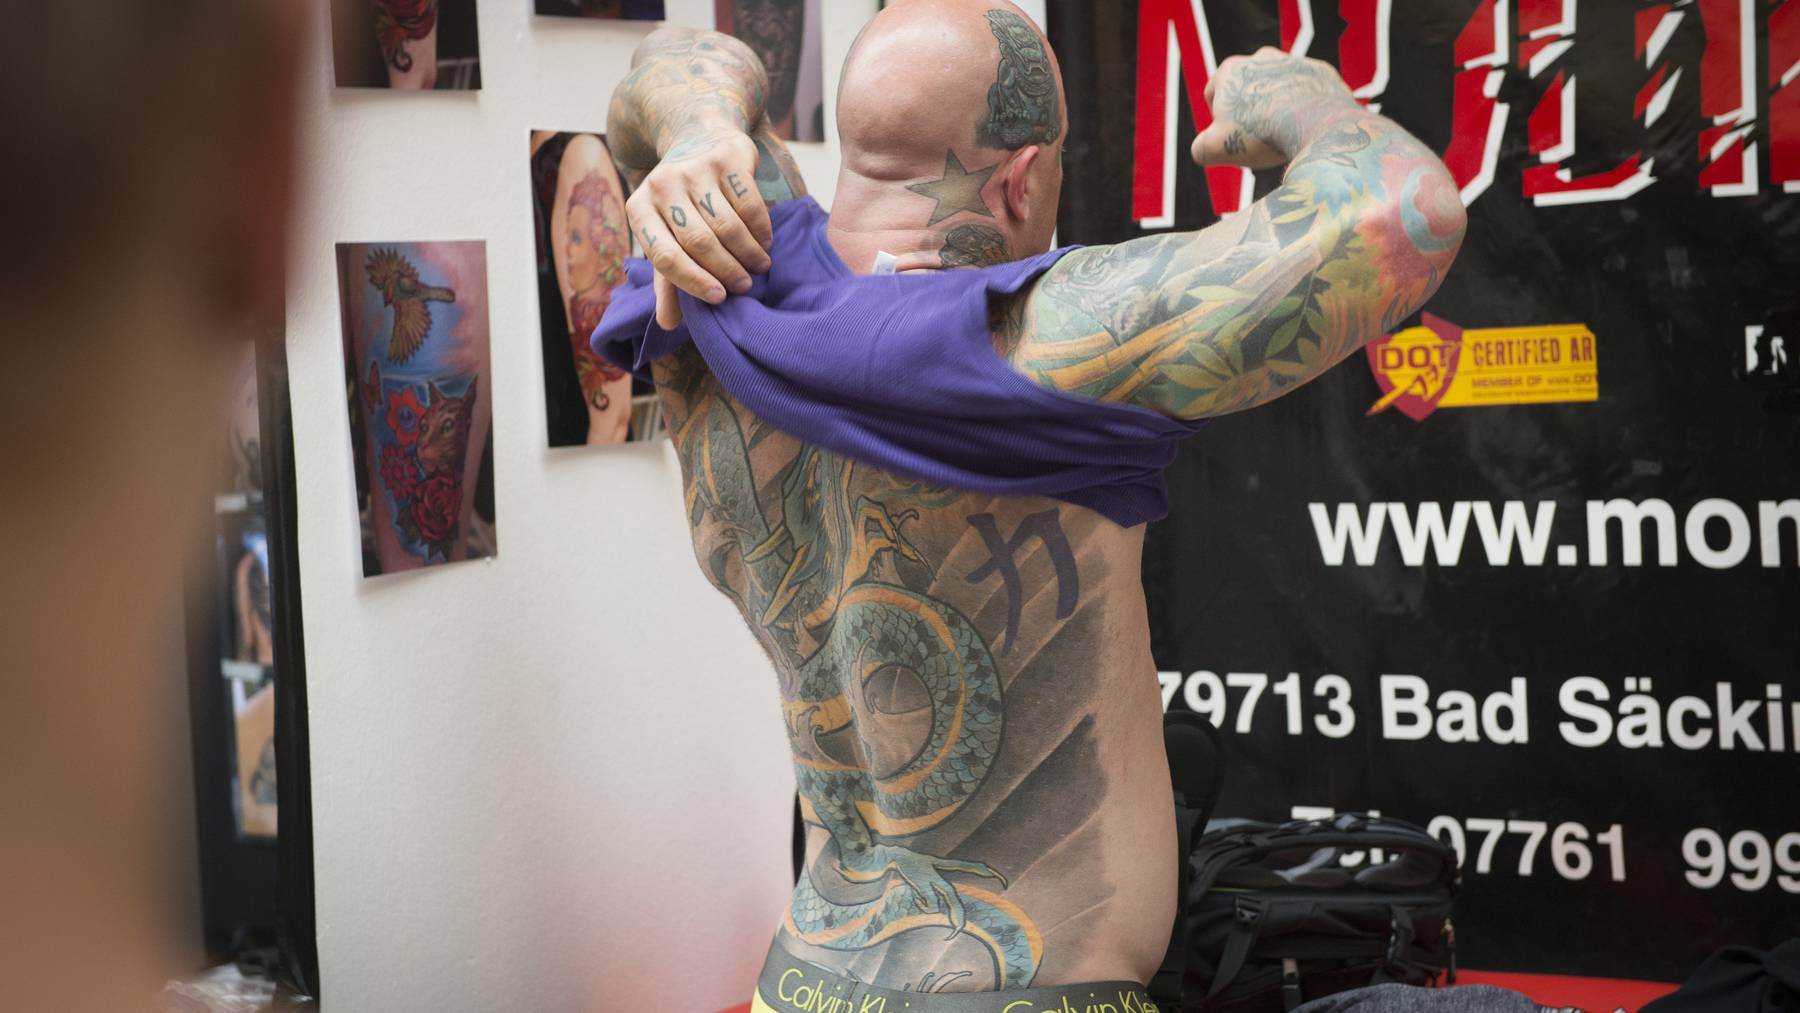 Gossau - Tattoo Convention Tätowierer stellen aus und tätowieren. Bild: Ralph Ribi